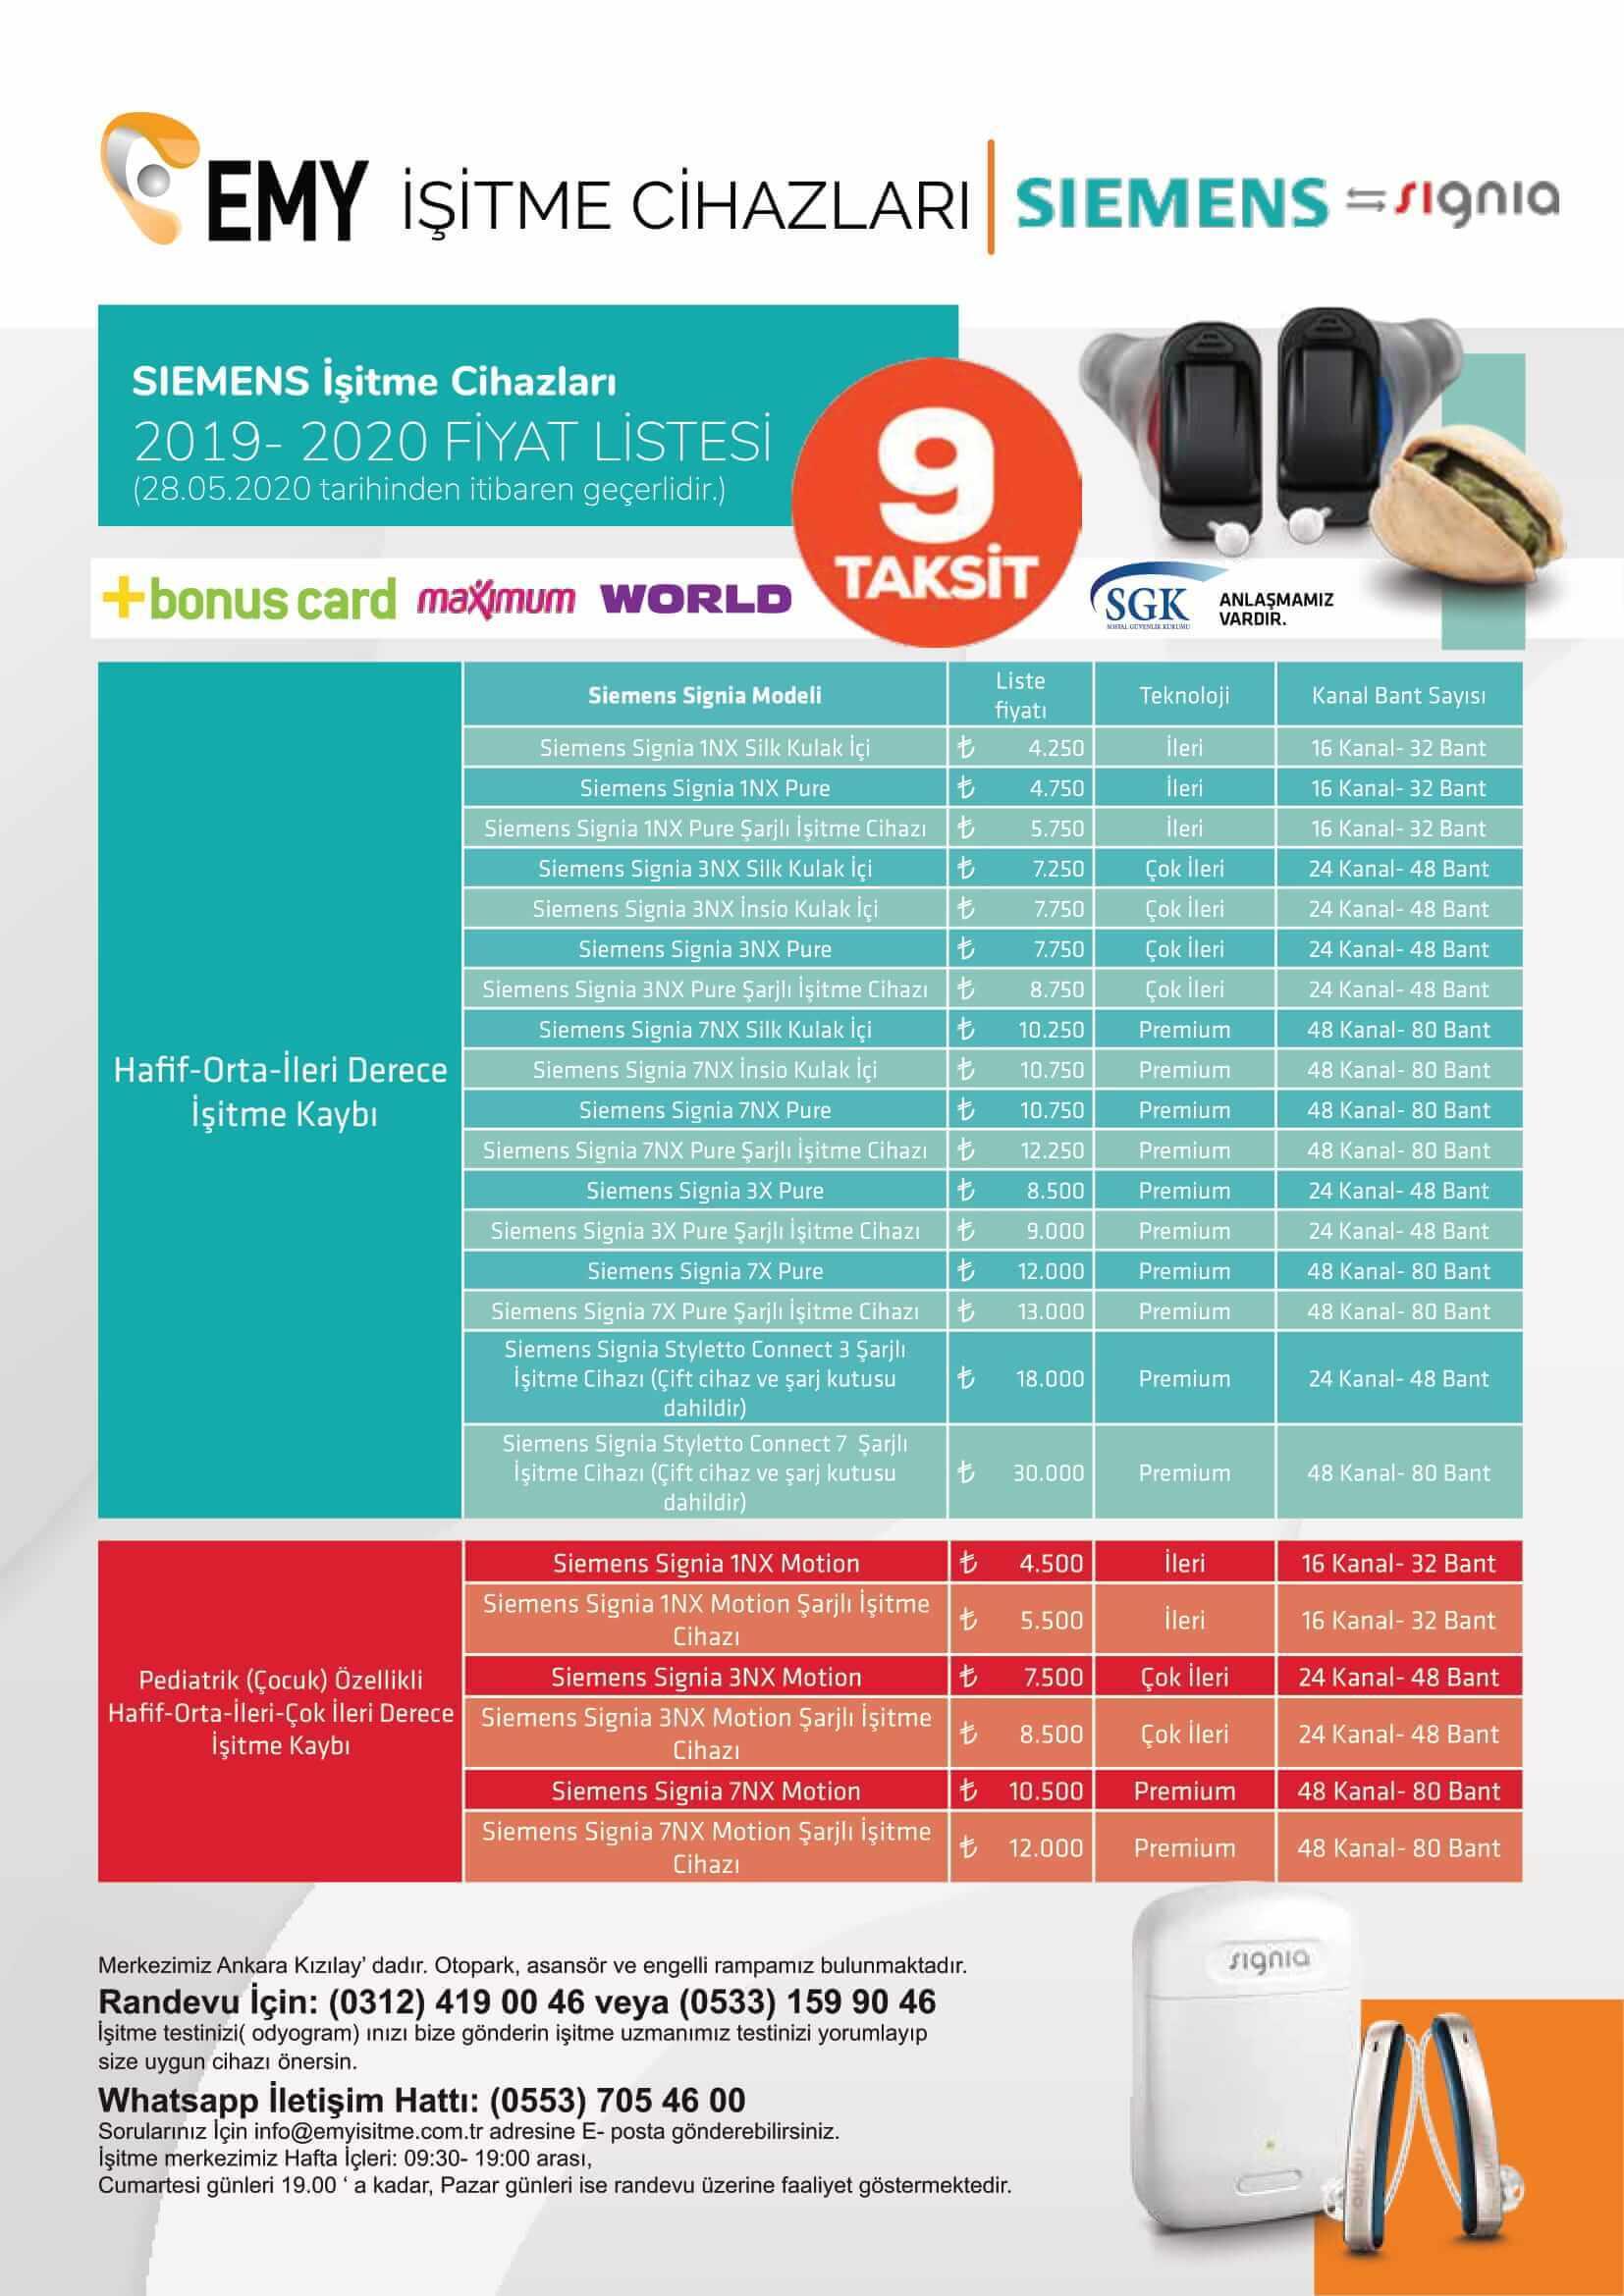 Siemens Signia işitme cihazı fiyatları 2019-2020 emyisitme.com.tr